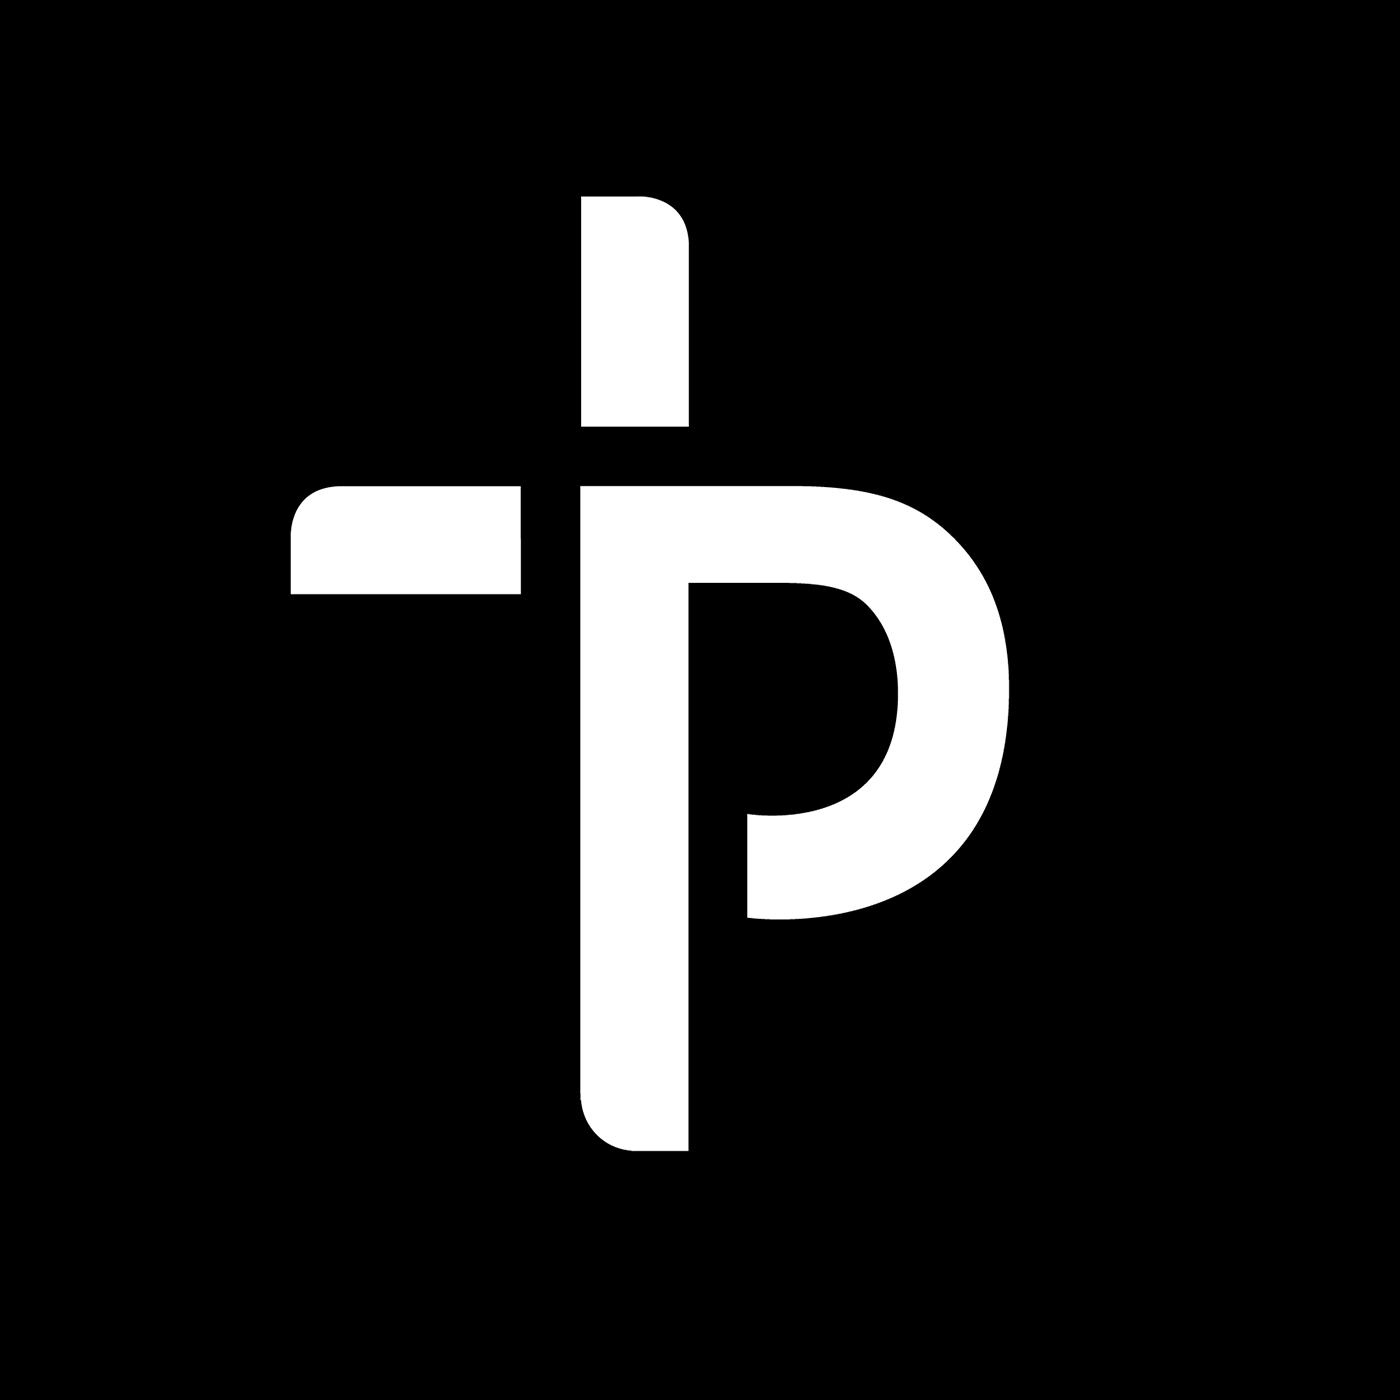 Pingstkyrkan Uddevalla Podcast